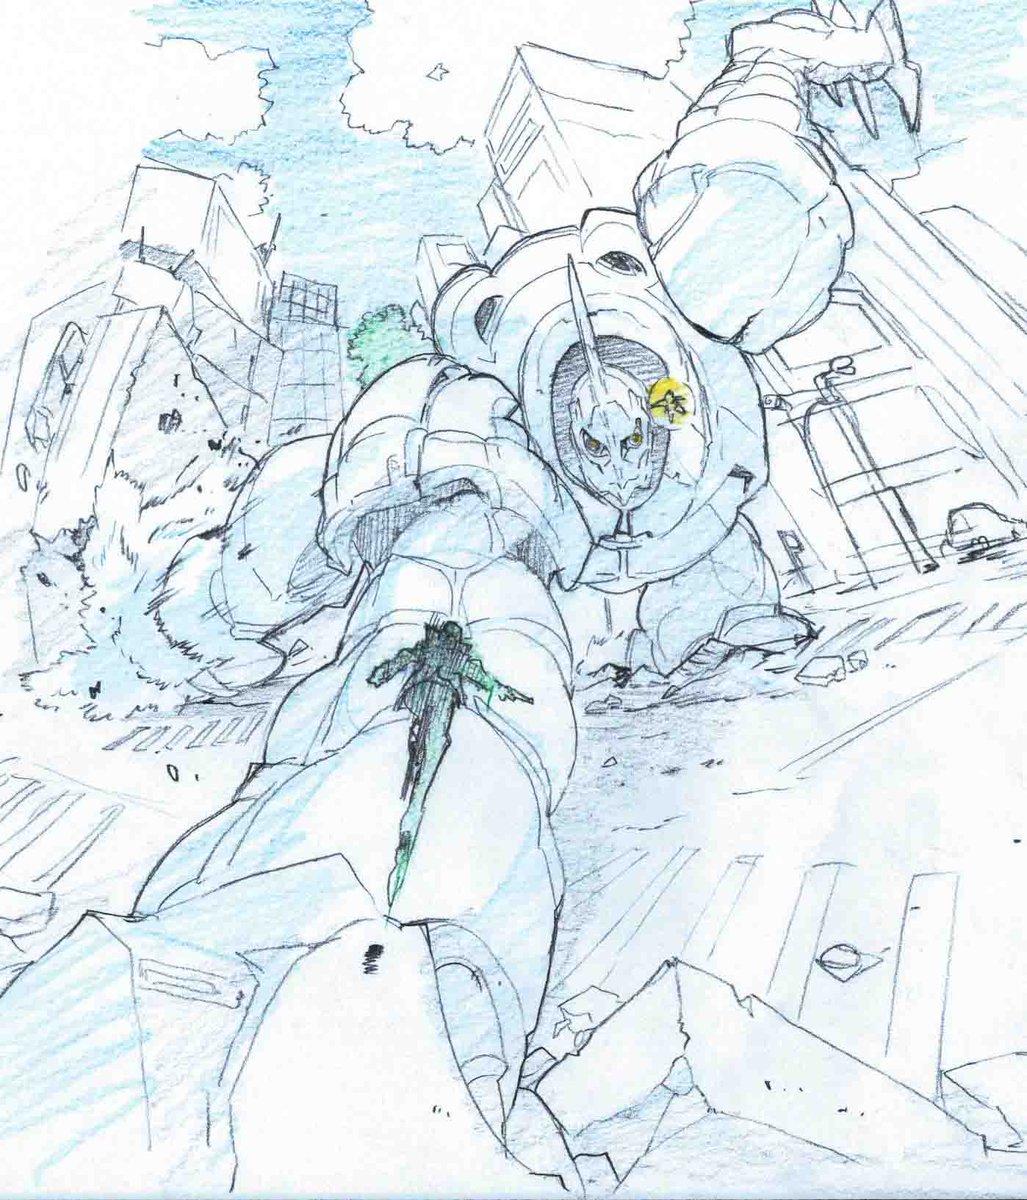 【王舞・初期イメージボード】巨大な王舞と人間との戦闘は、大小の対比が際立つので描きたいシチュエーションの一つでした。当初